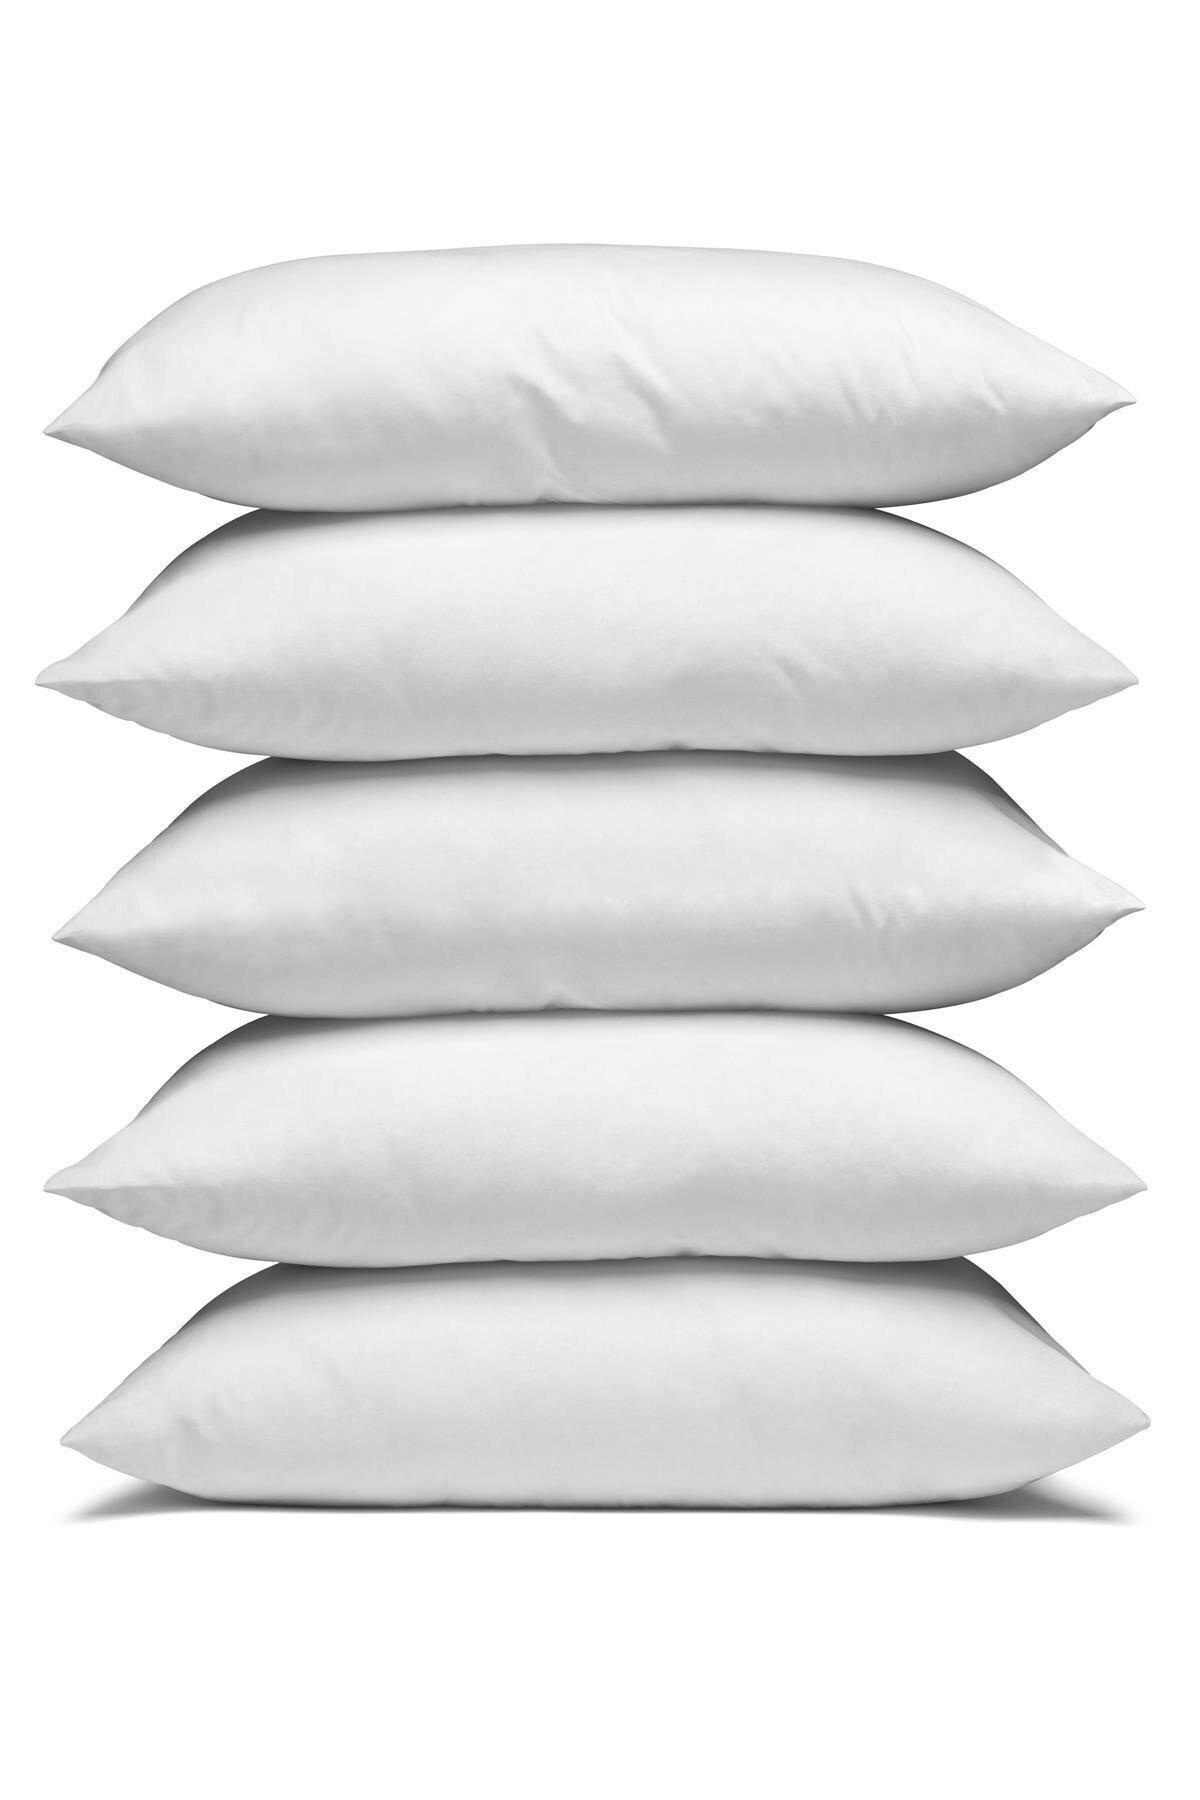 5 قطعة حبات مضادة للحساسية سيليكون وسادة مكافحة الحساسية الوسائد وسادة الوسائد السرير وسادة حاف الغطاء وسادة المنسوجات المنزلية